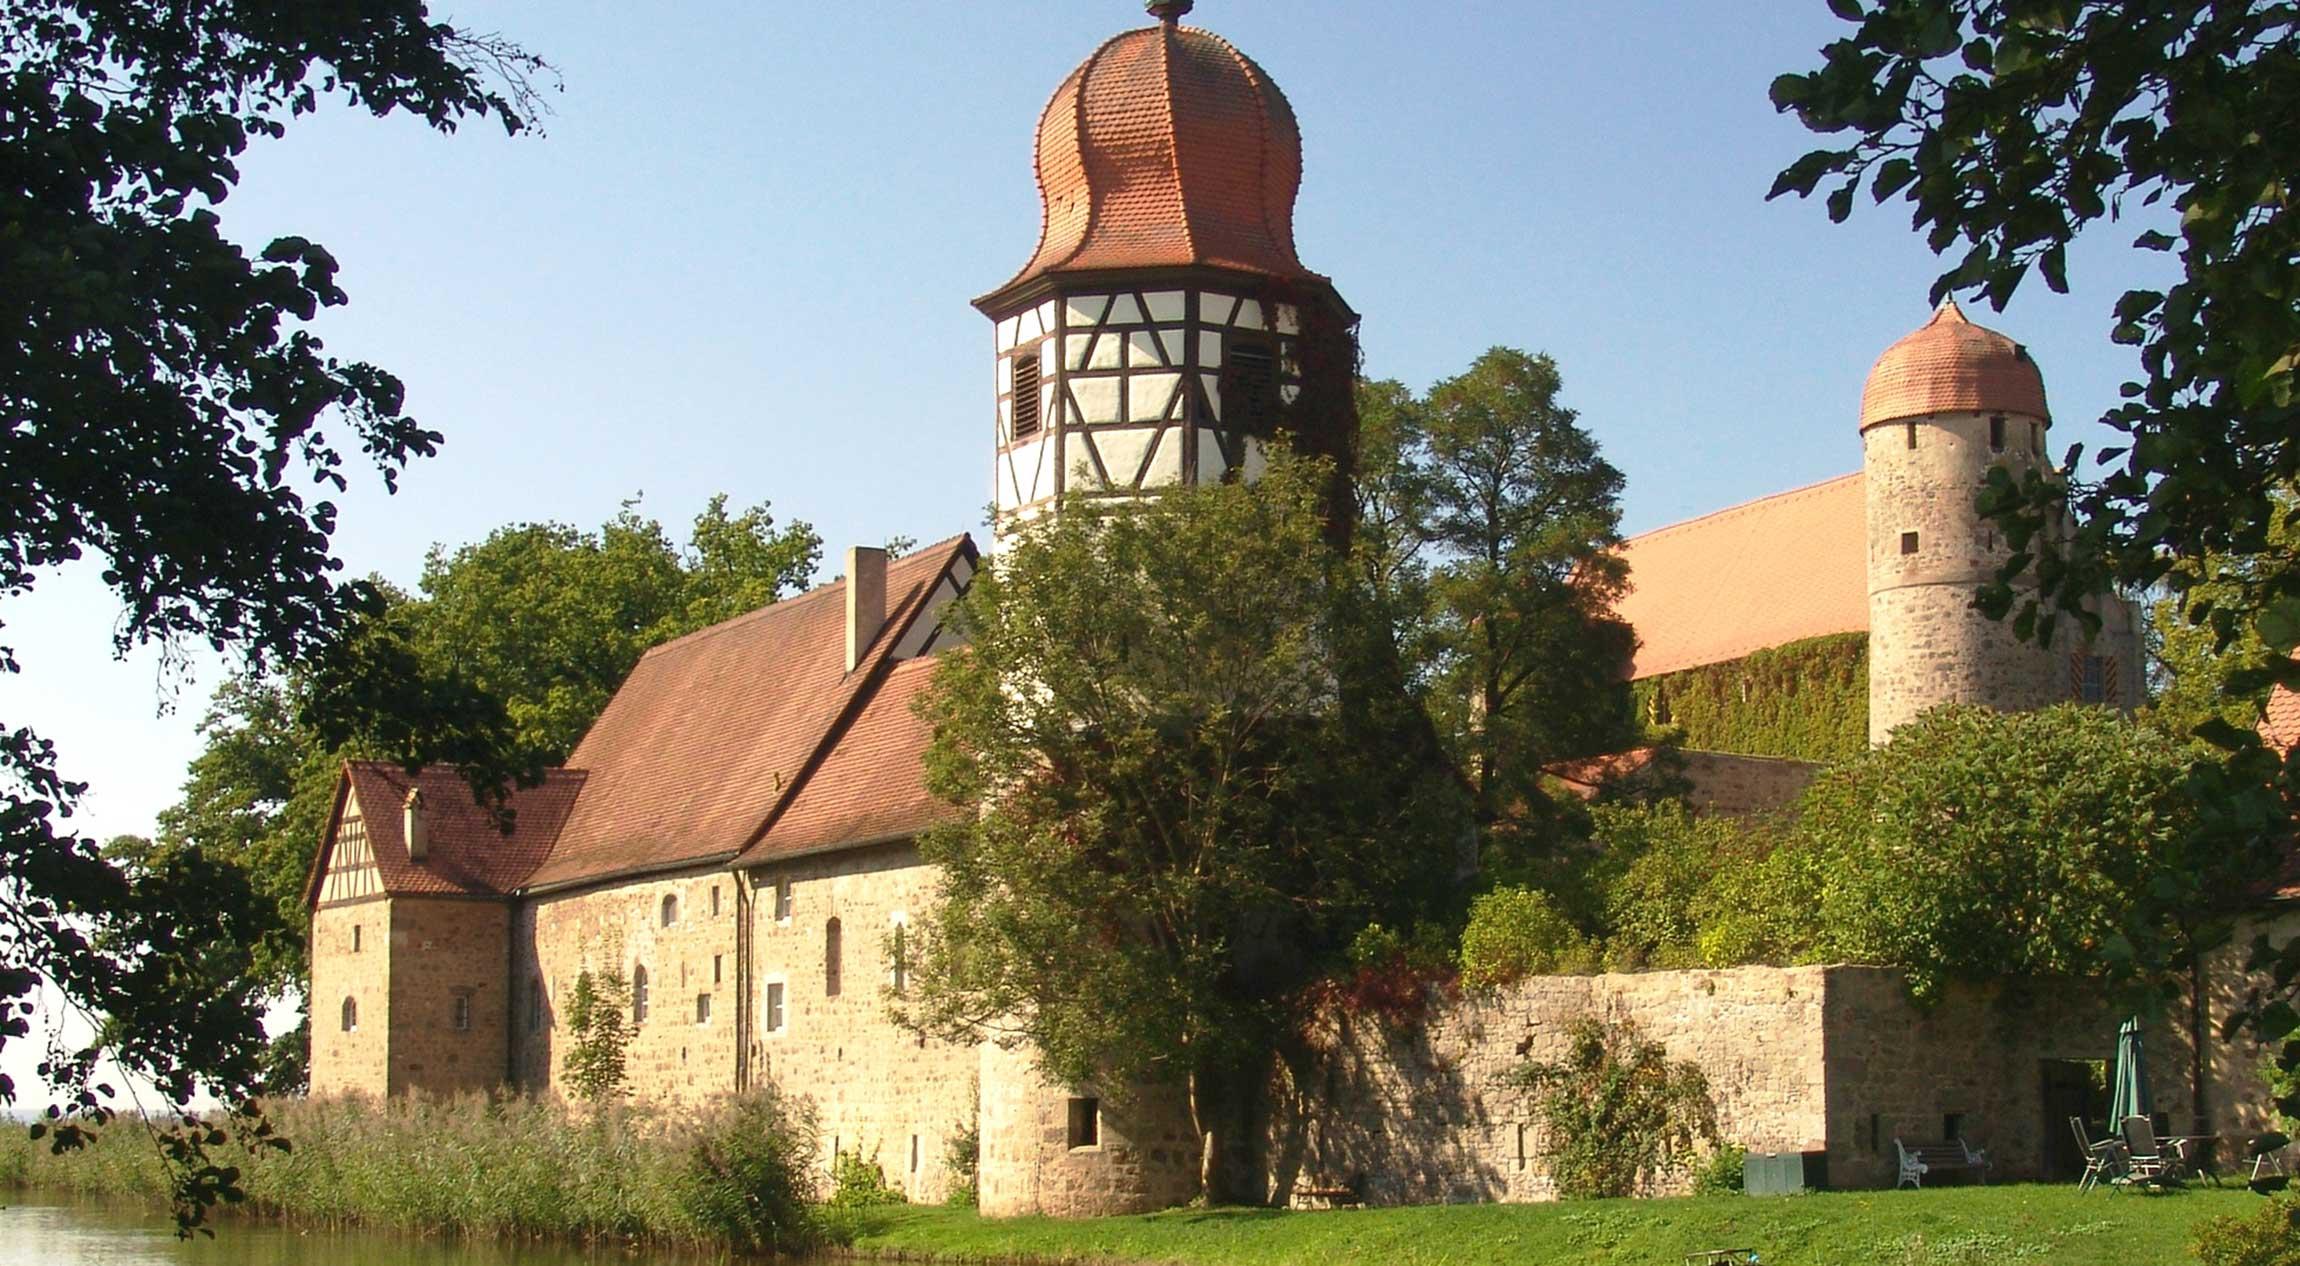 Die Sommersdorfer Kirche vom Südwesten aus gesehen